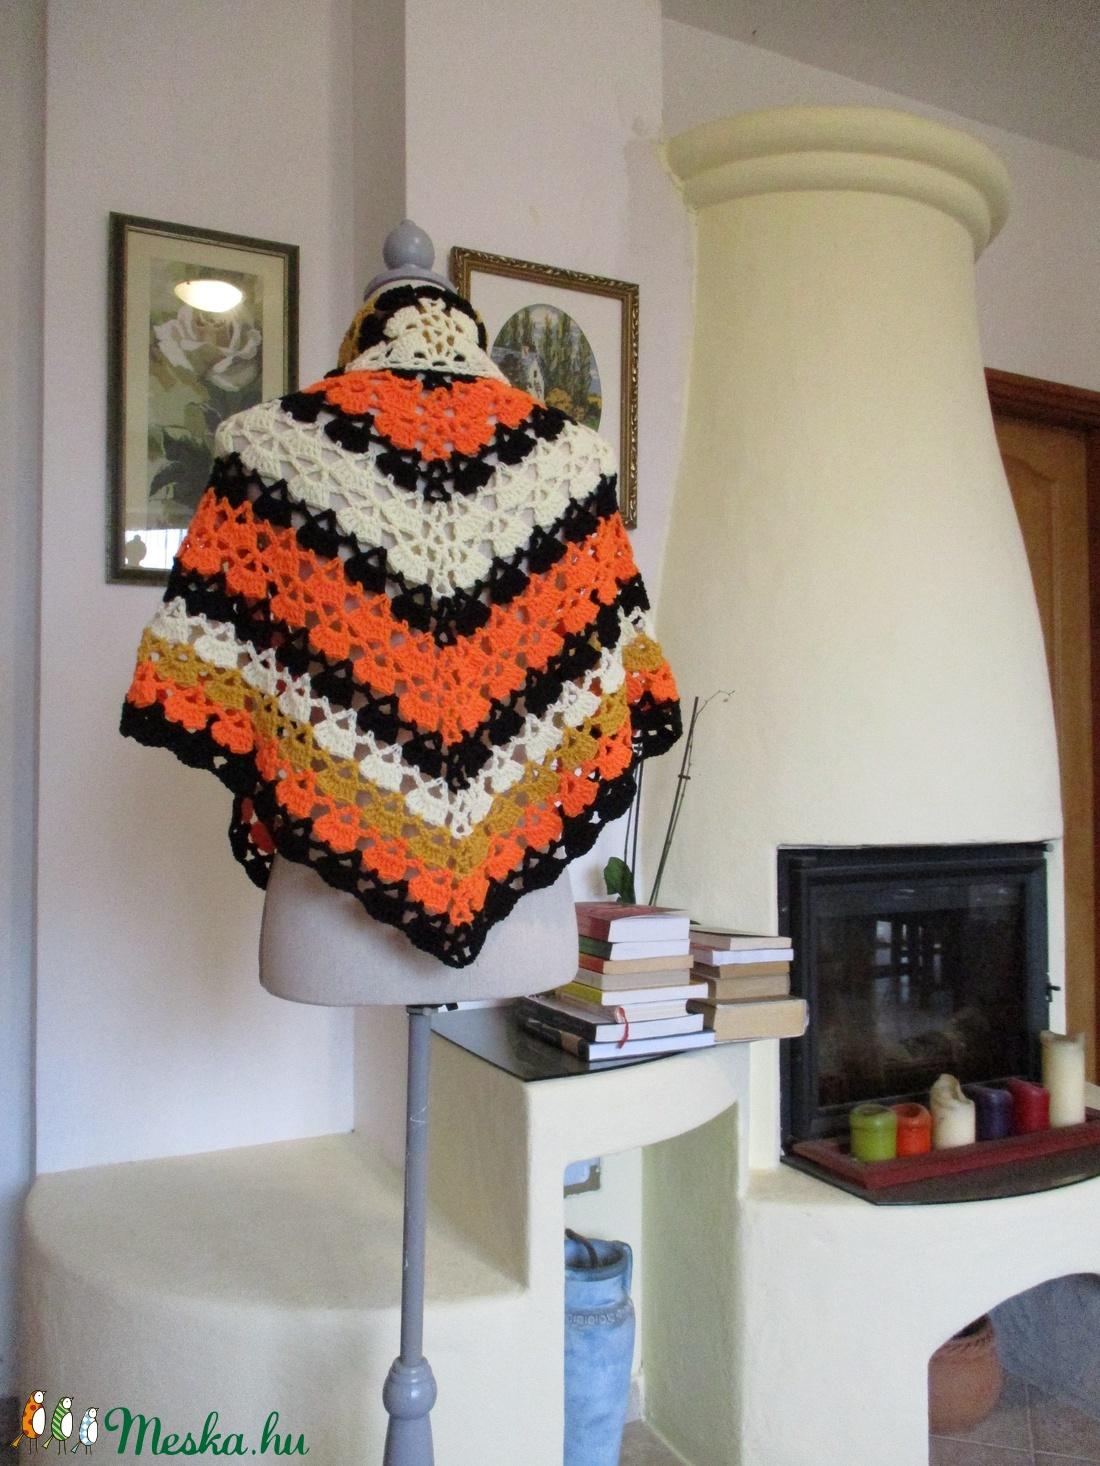 Narancs-sárga-fekete horgolt vállkendő - ruha & divat - sál, sapka, kendő - vállkendő - Meska.hu